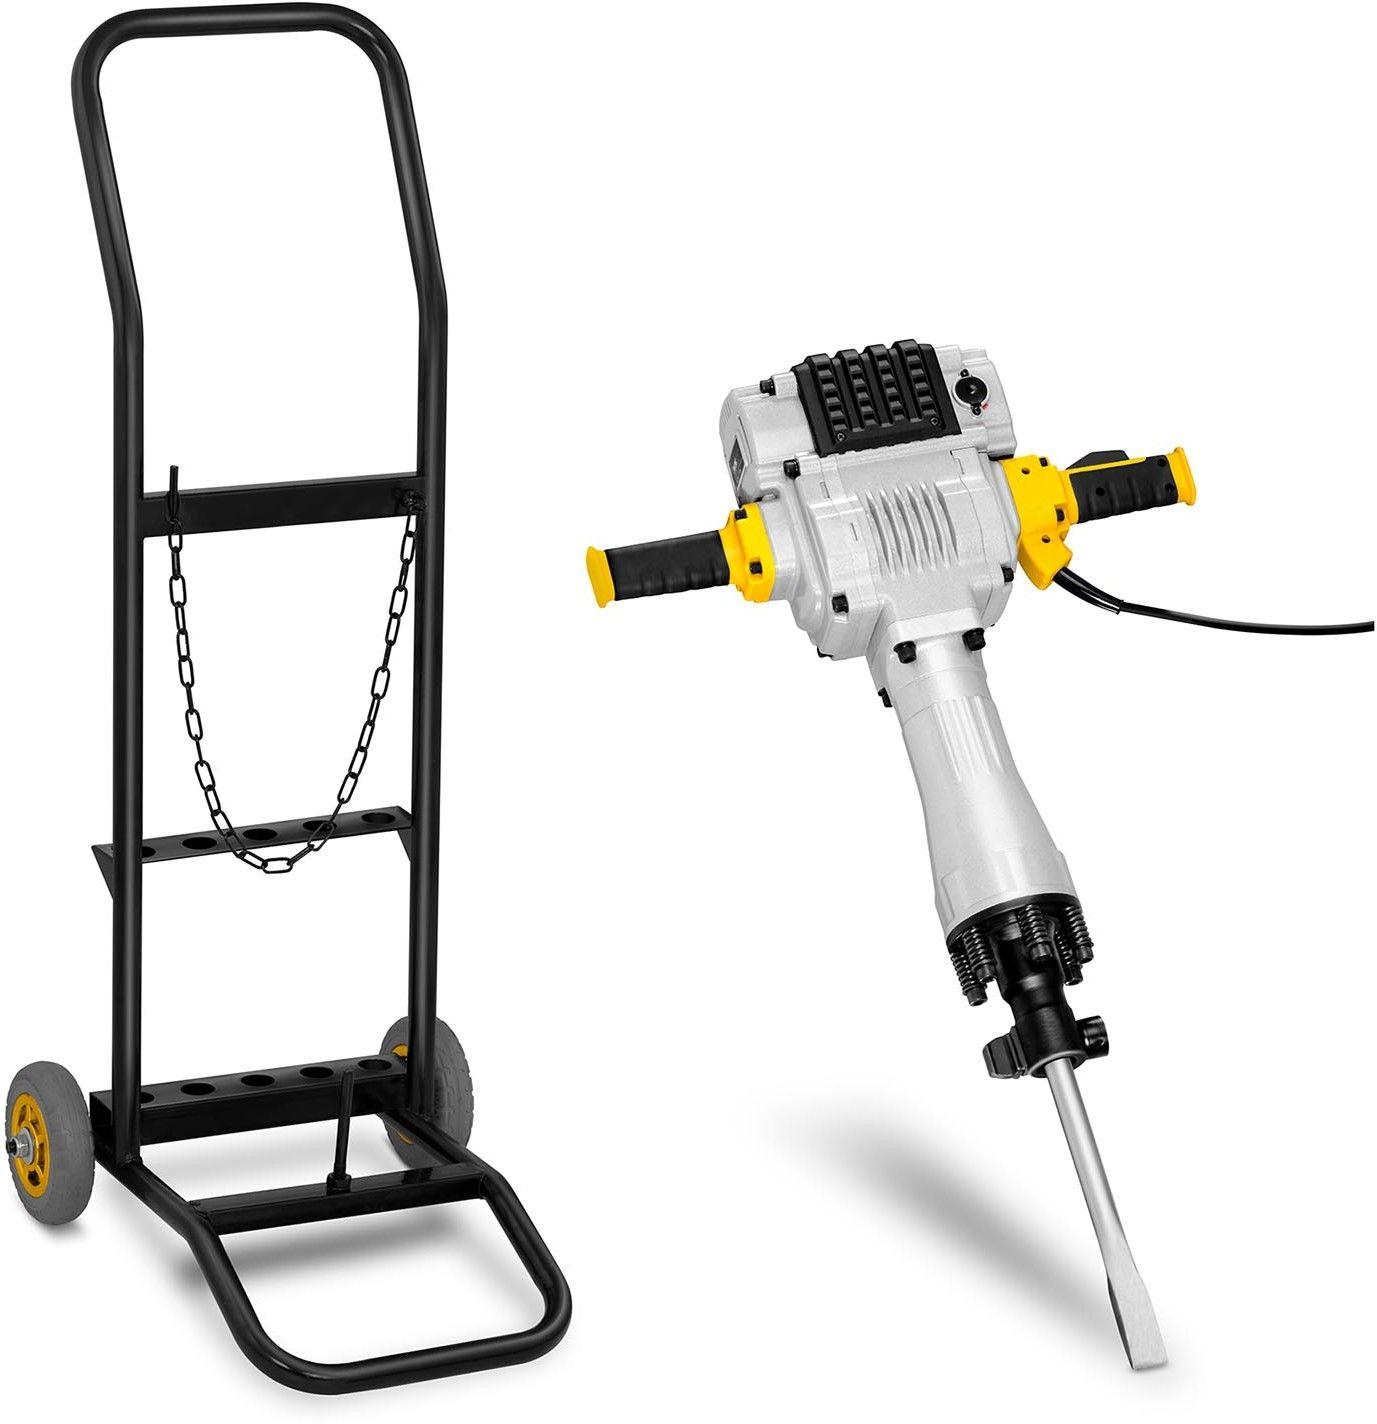 Zestaw Młot wyburzeniowy - 2100 W + Wózek - 30 kg - MSW - ABH-2100T - 3 lata gwarancji/wysyłka w 24h